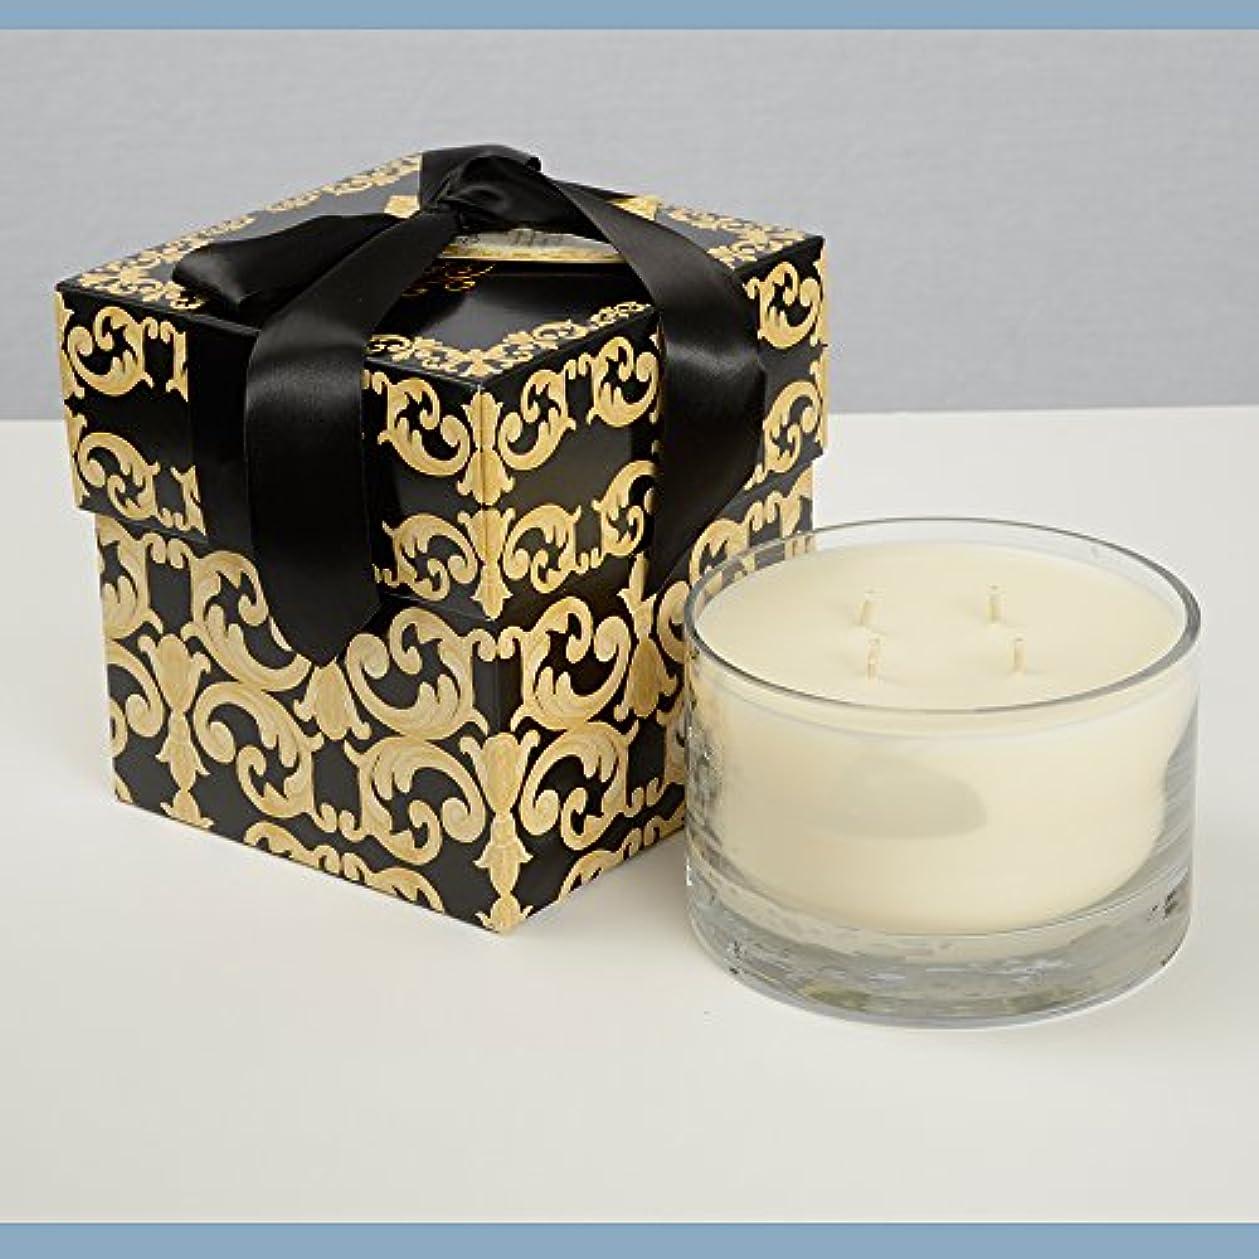 複雑でないマンハッタン比率フランス市場 – Exclusive Tyler 40 oz 4-wick香りつきJar Candle